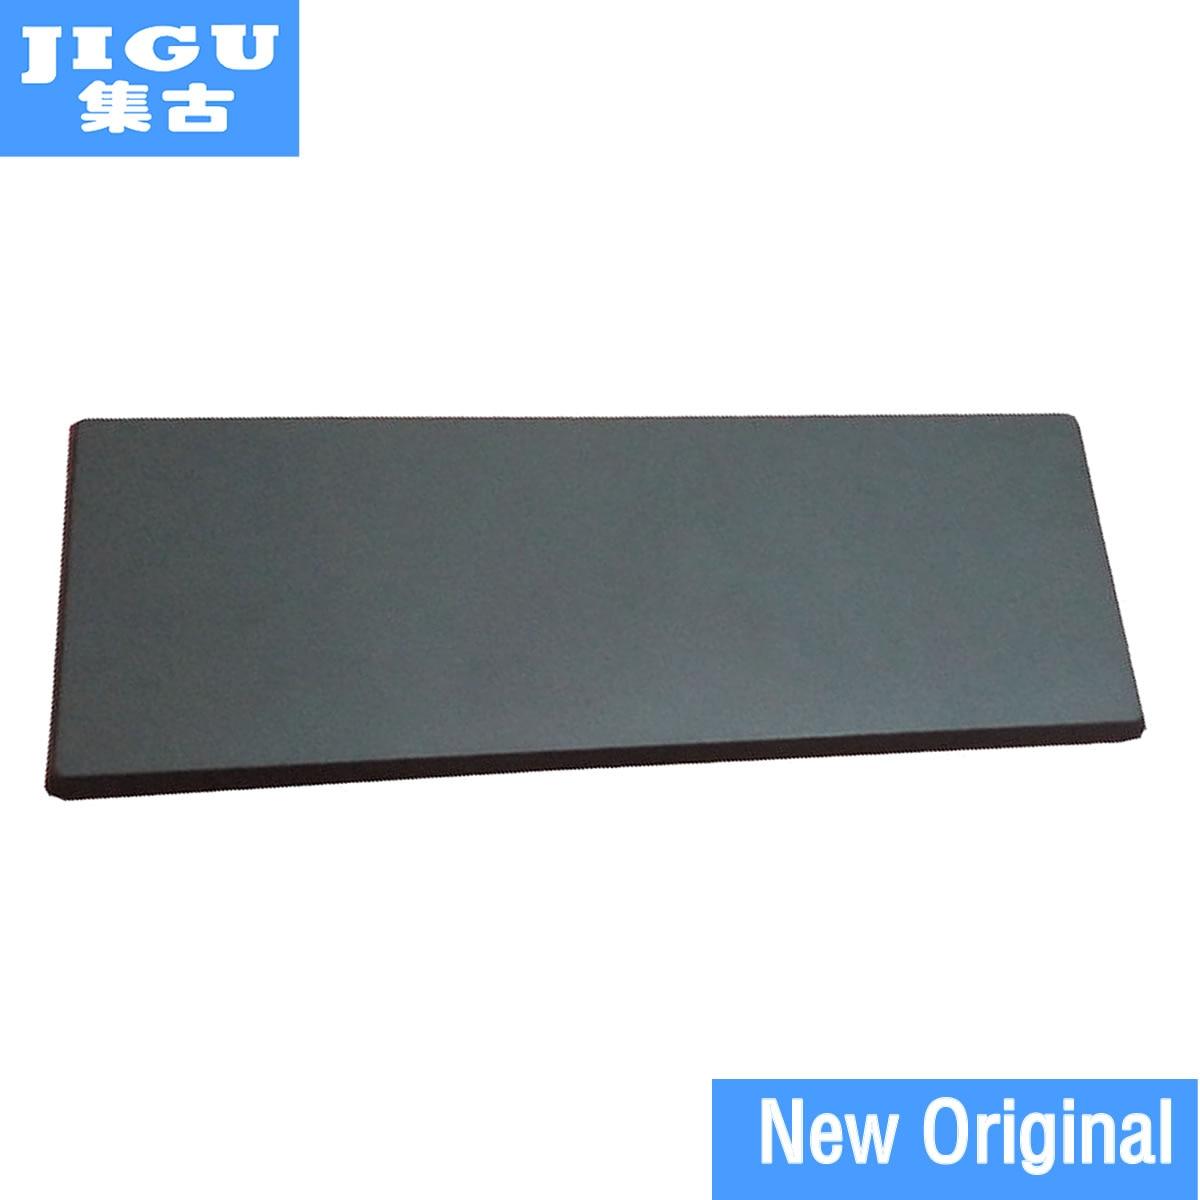 JIGU 1VH6G 312-1412 312-1423 C1H8N CT4V5 FWRM8 KY1TV PPNPH Batterie d'ordinateur portable D'origine Pour Dell Latitude 10 tablet Série